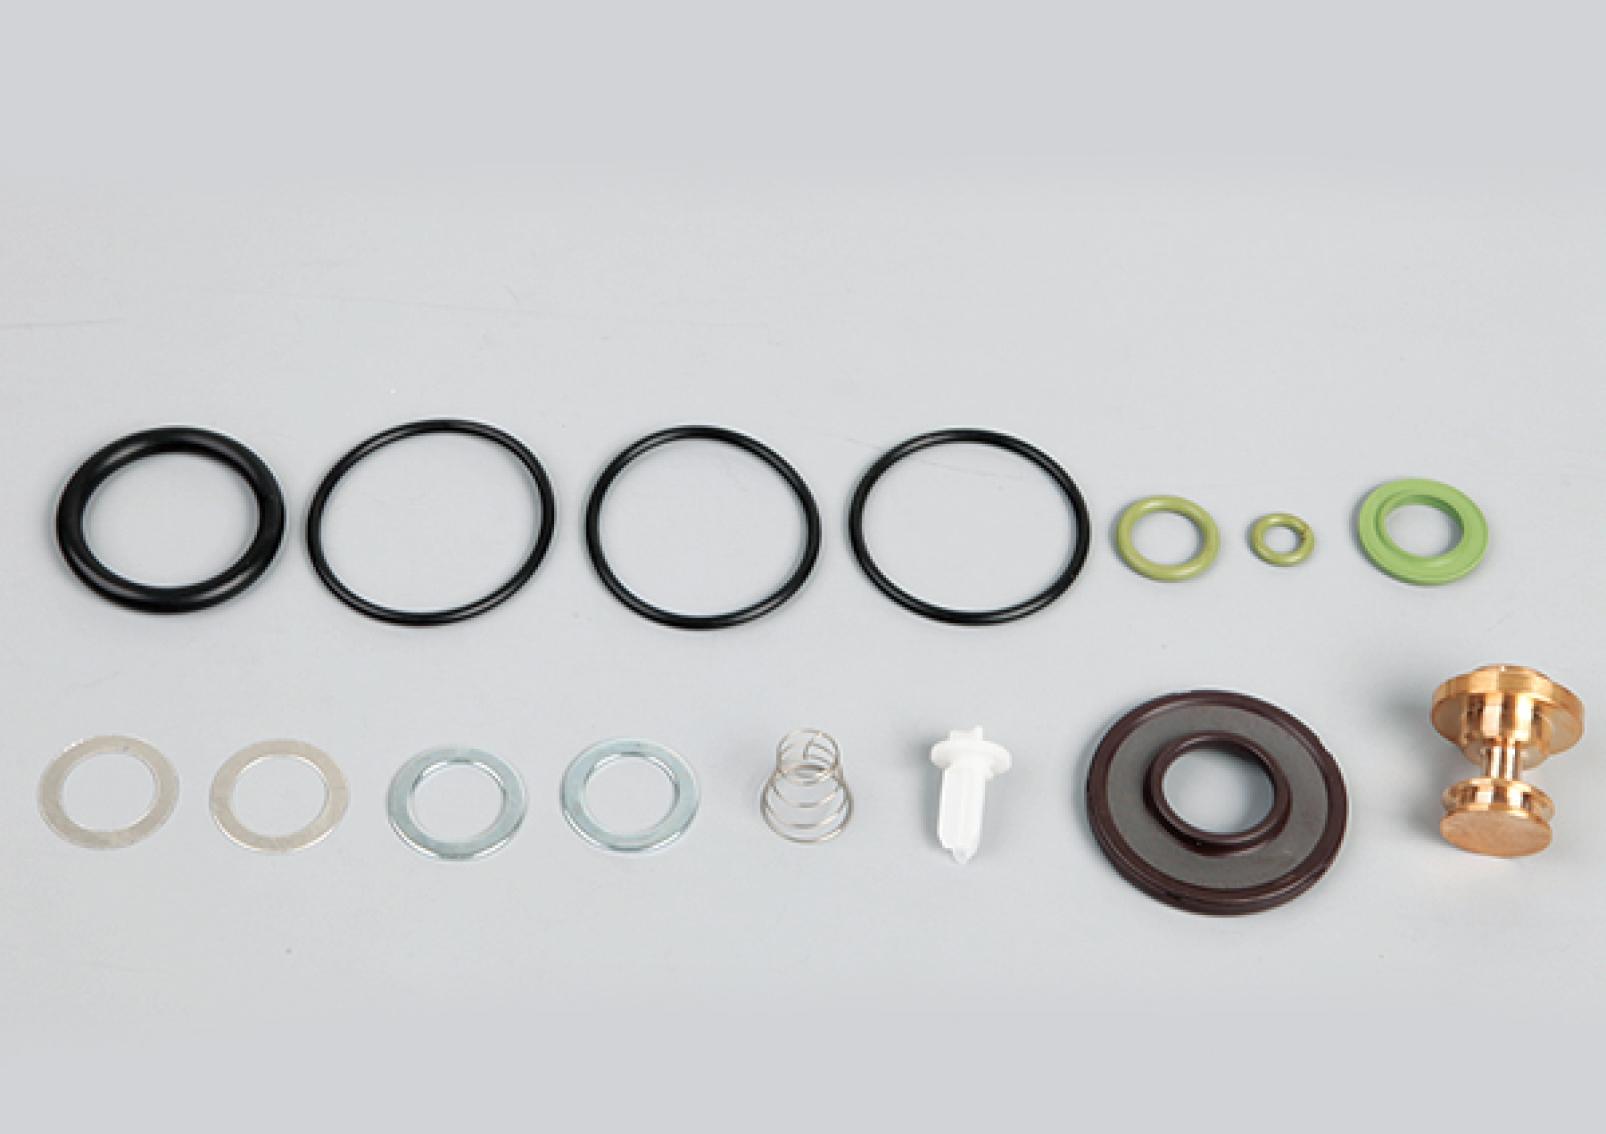 Air Dryer Valve Repair Kit, 432 410 002 2